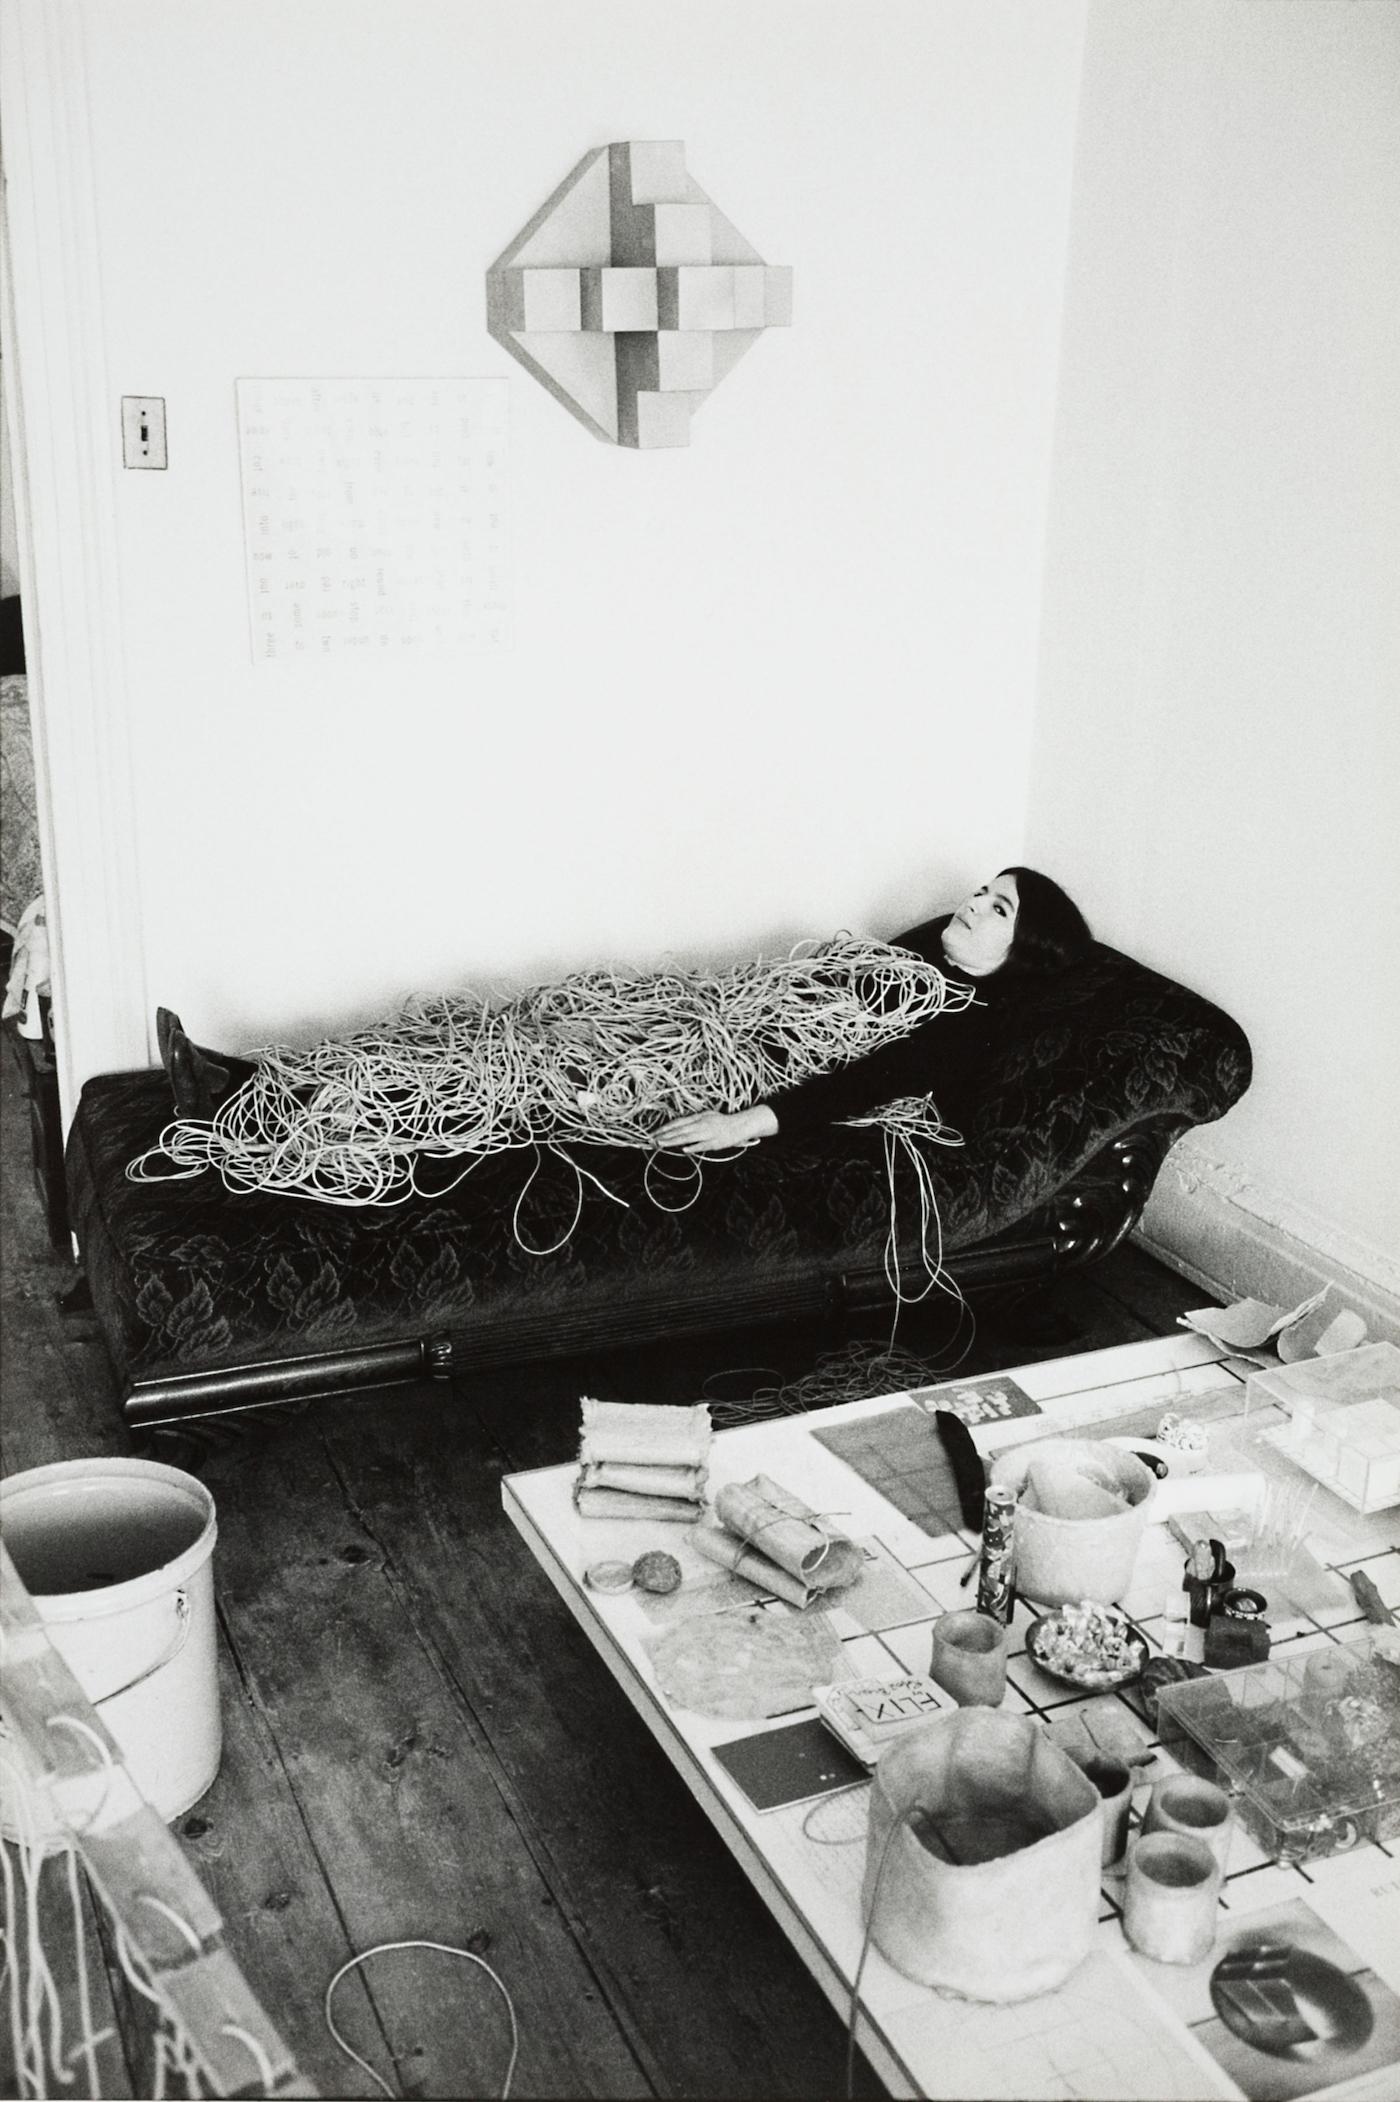 Eva Hesse in 1968 (photo by Herman Landshoff)